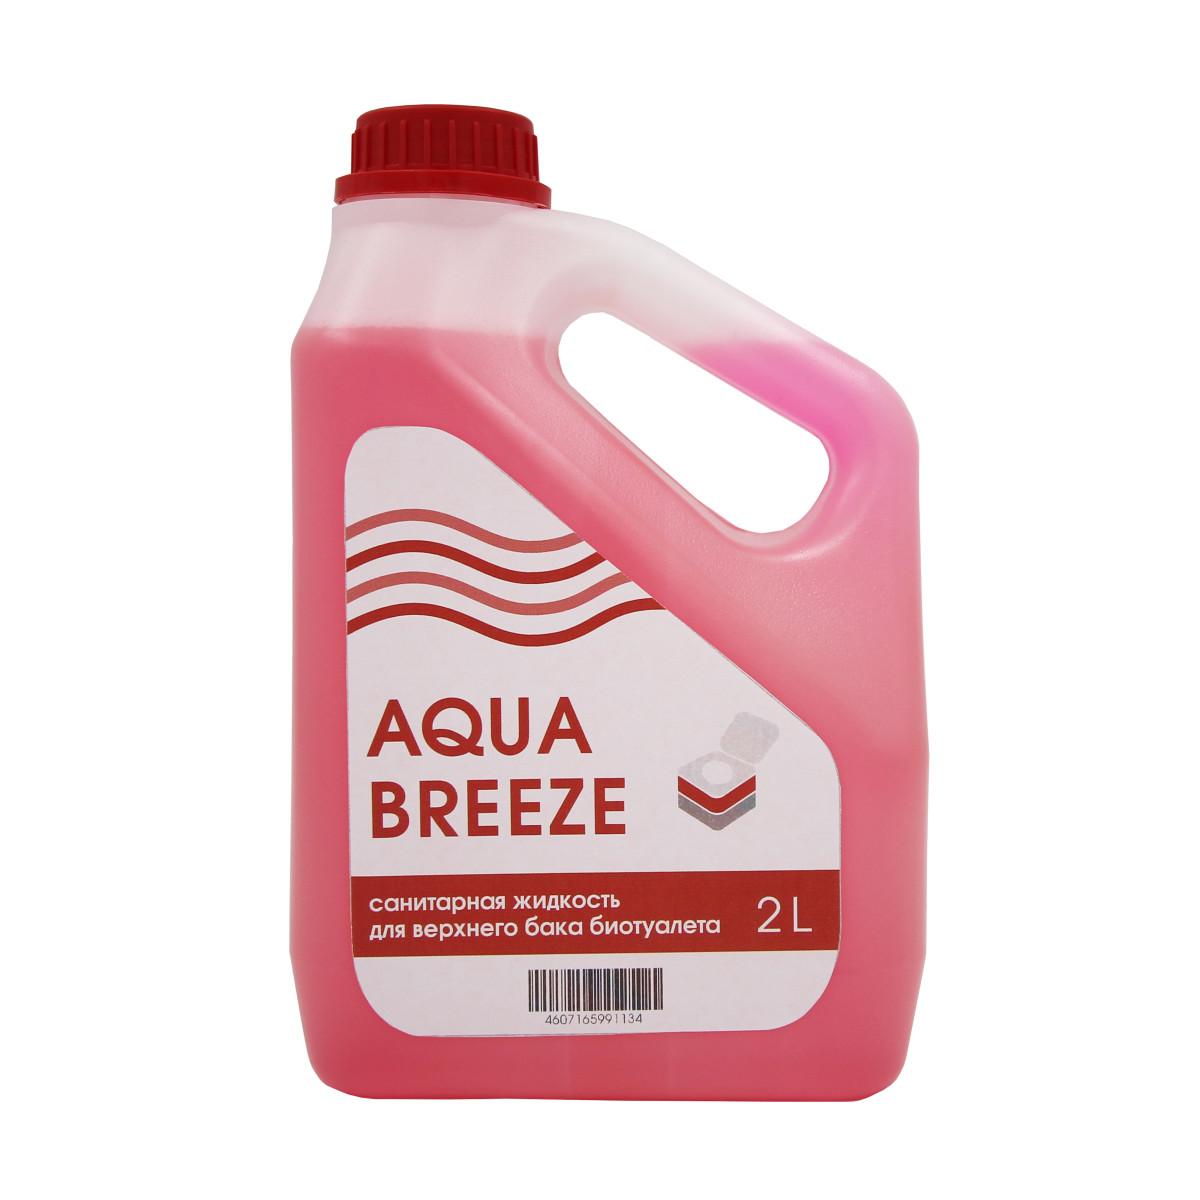 Шампунь Aquabreeze для верхнего бака 2 л